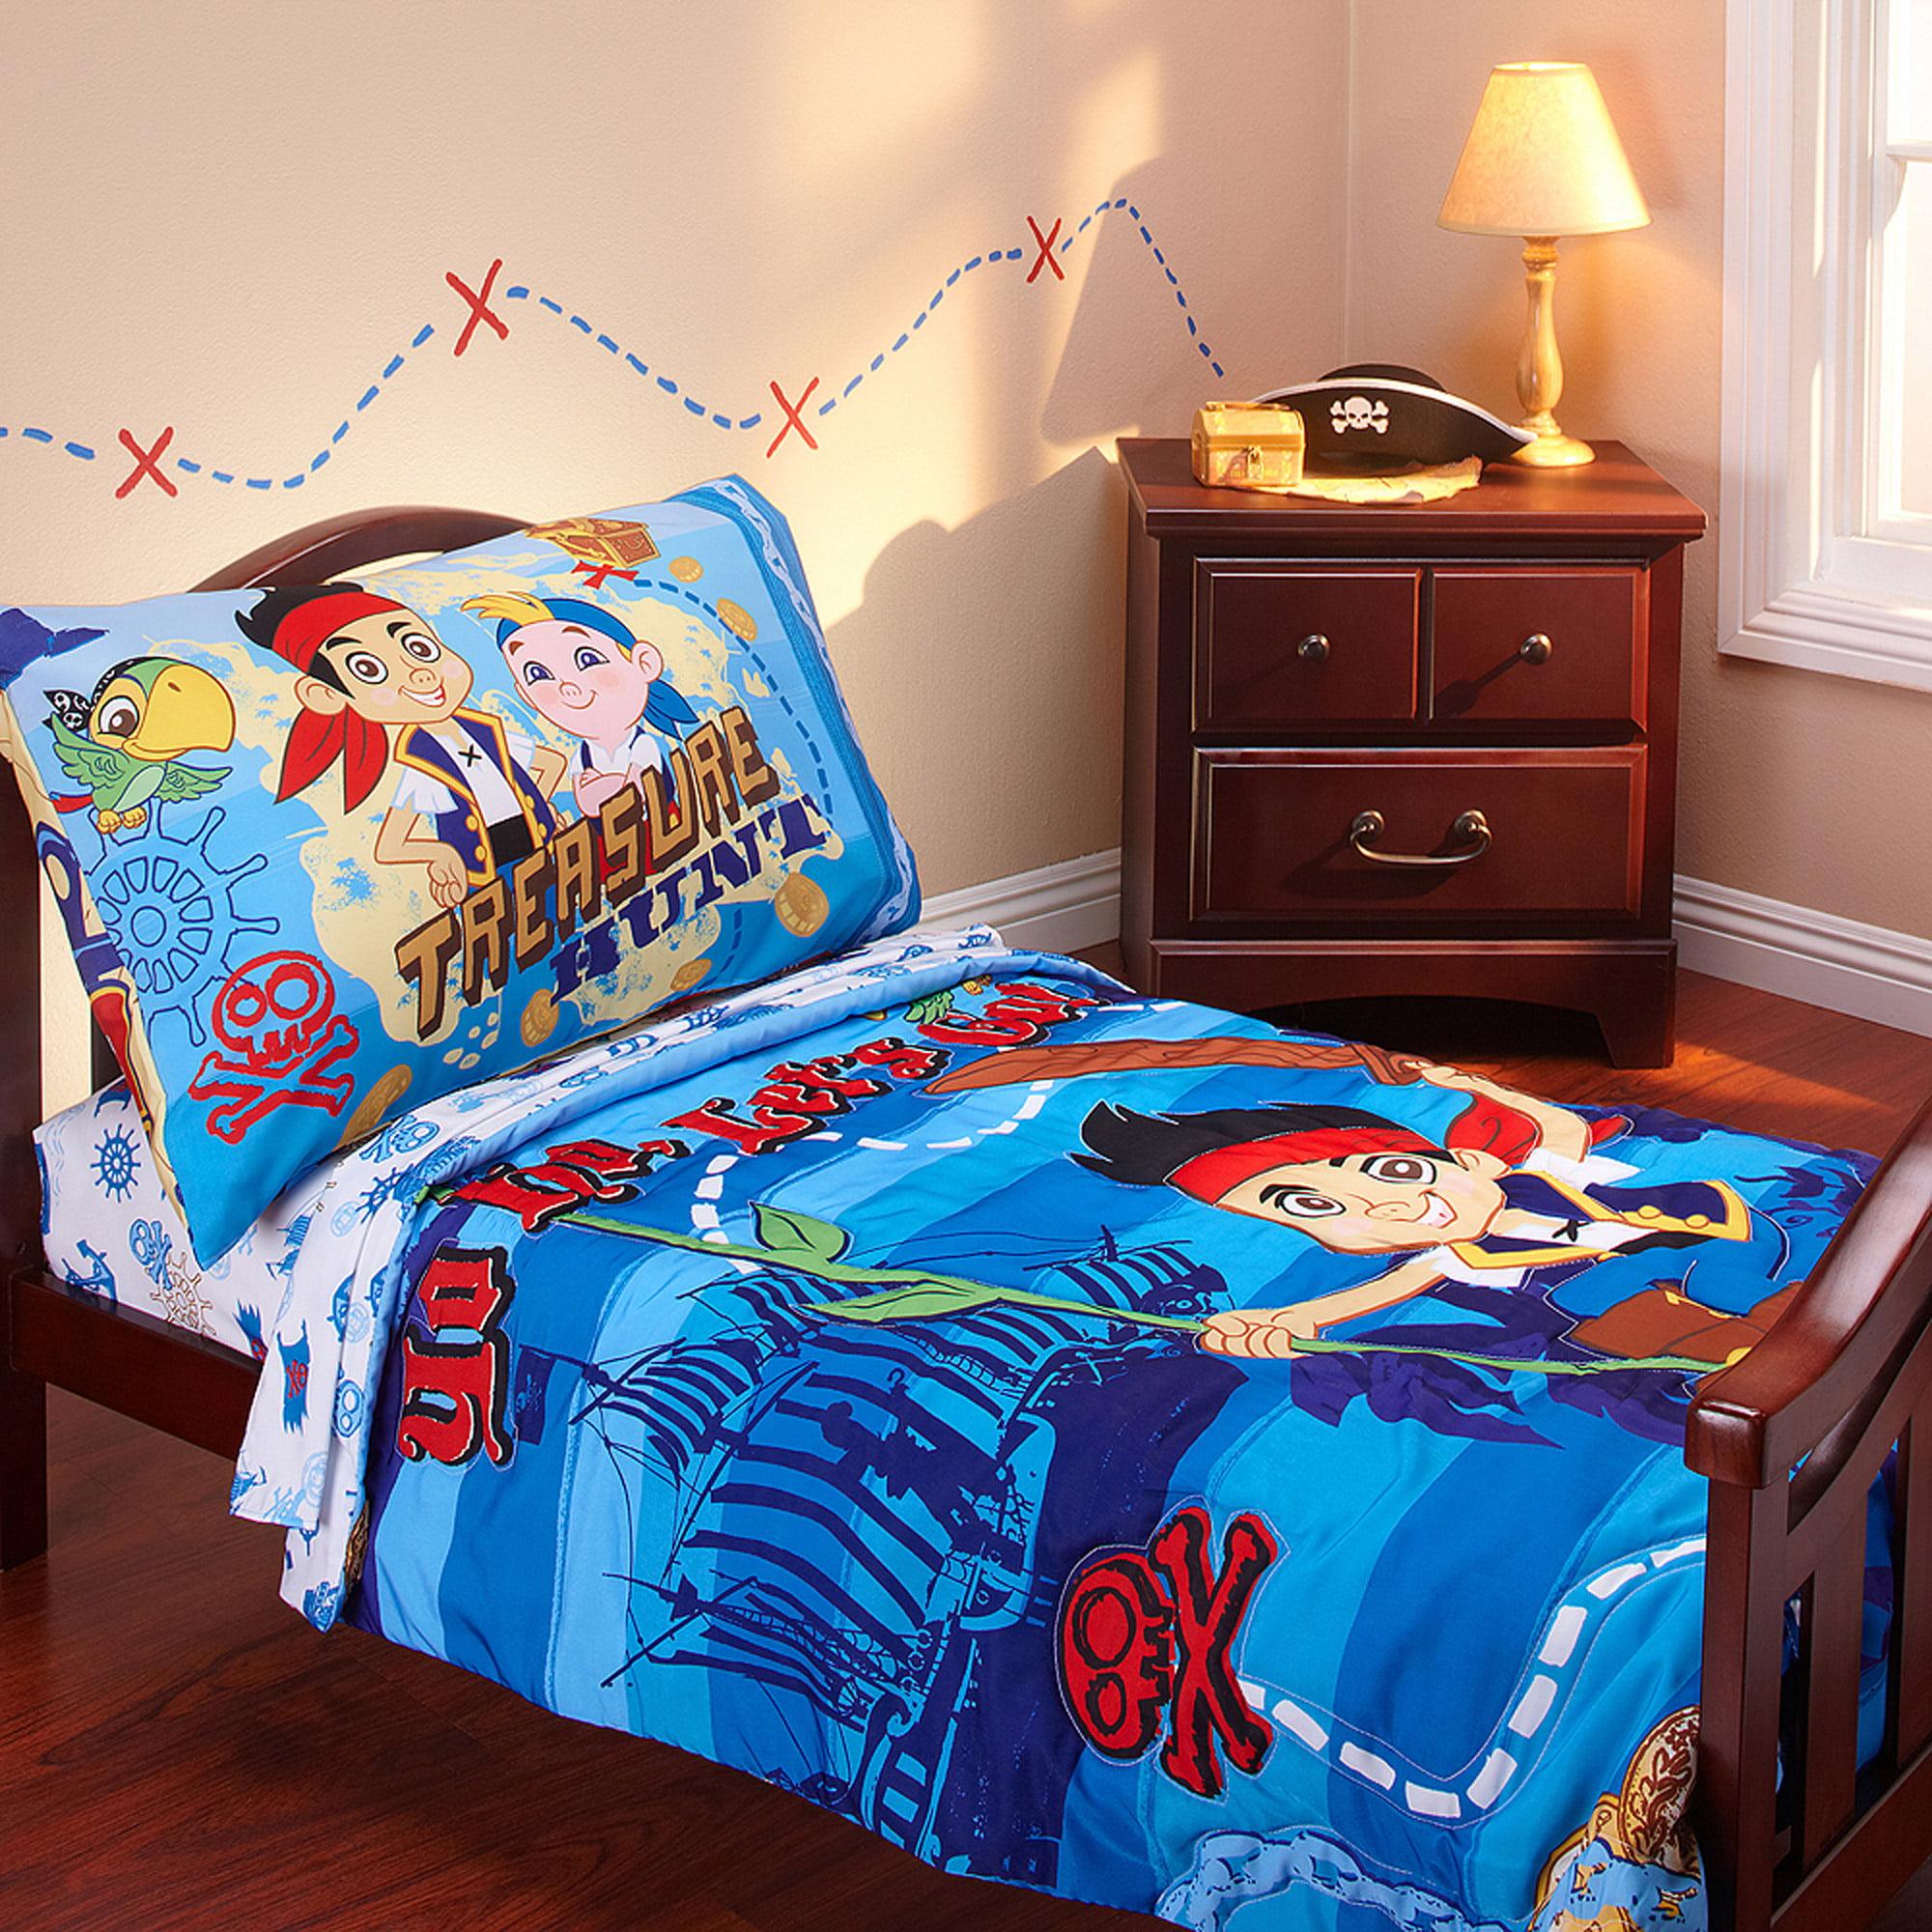 Disney - Jake & Neverland Pirates 3pc Toddler Bedding Set with BONUS Matching Pillow Case